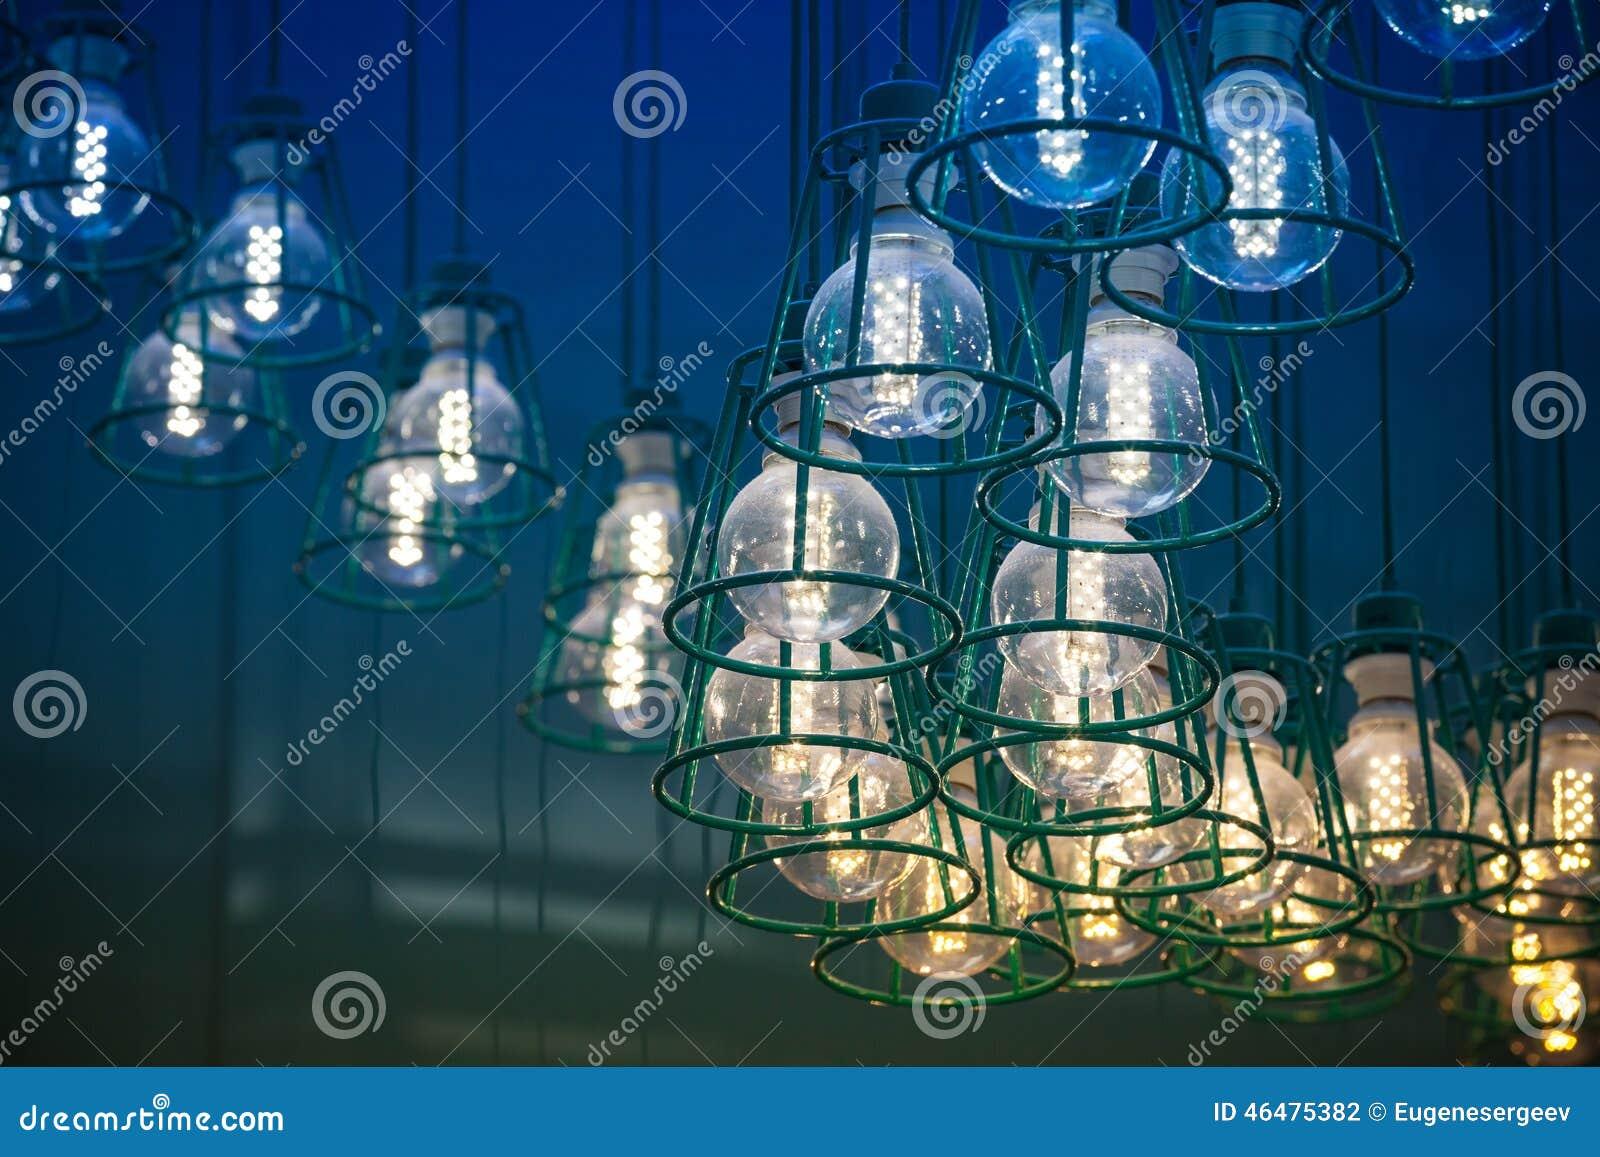 Moderne Lampen 64 : Moderne led lampen in den metalllampenschirmen stockfoto bild